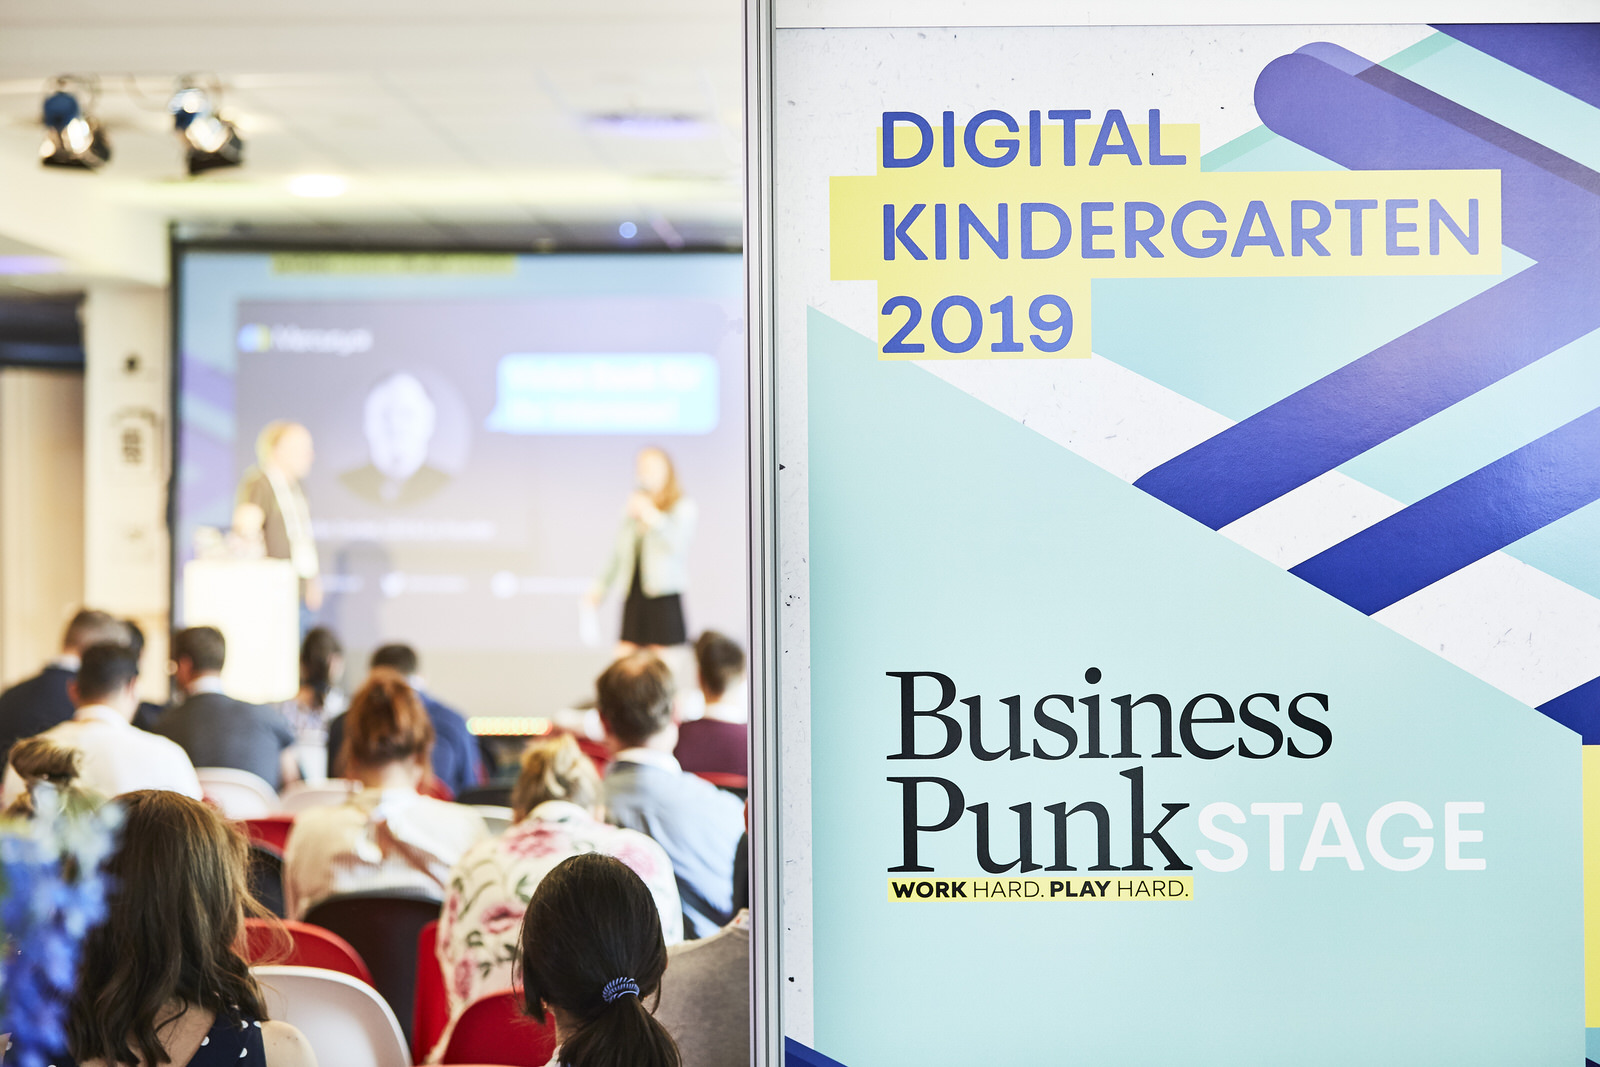 DK2019_BusinessPunkStage_5